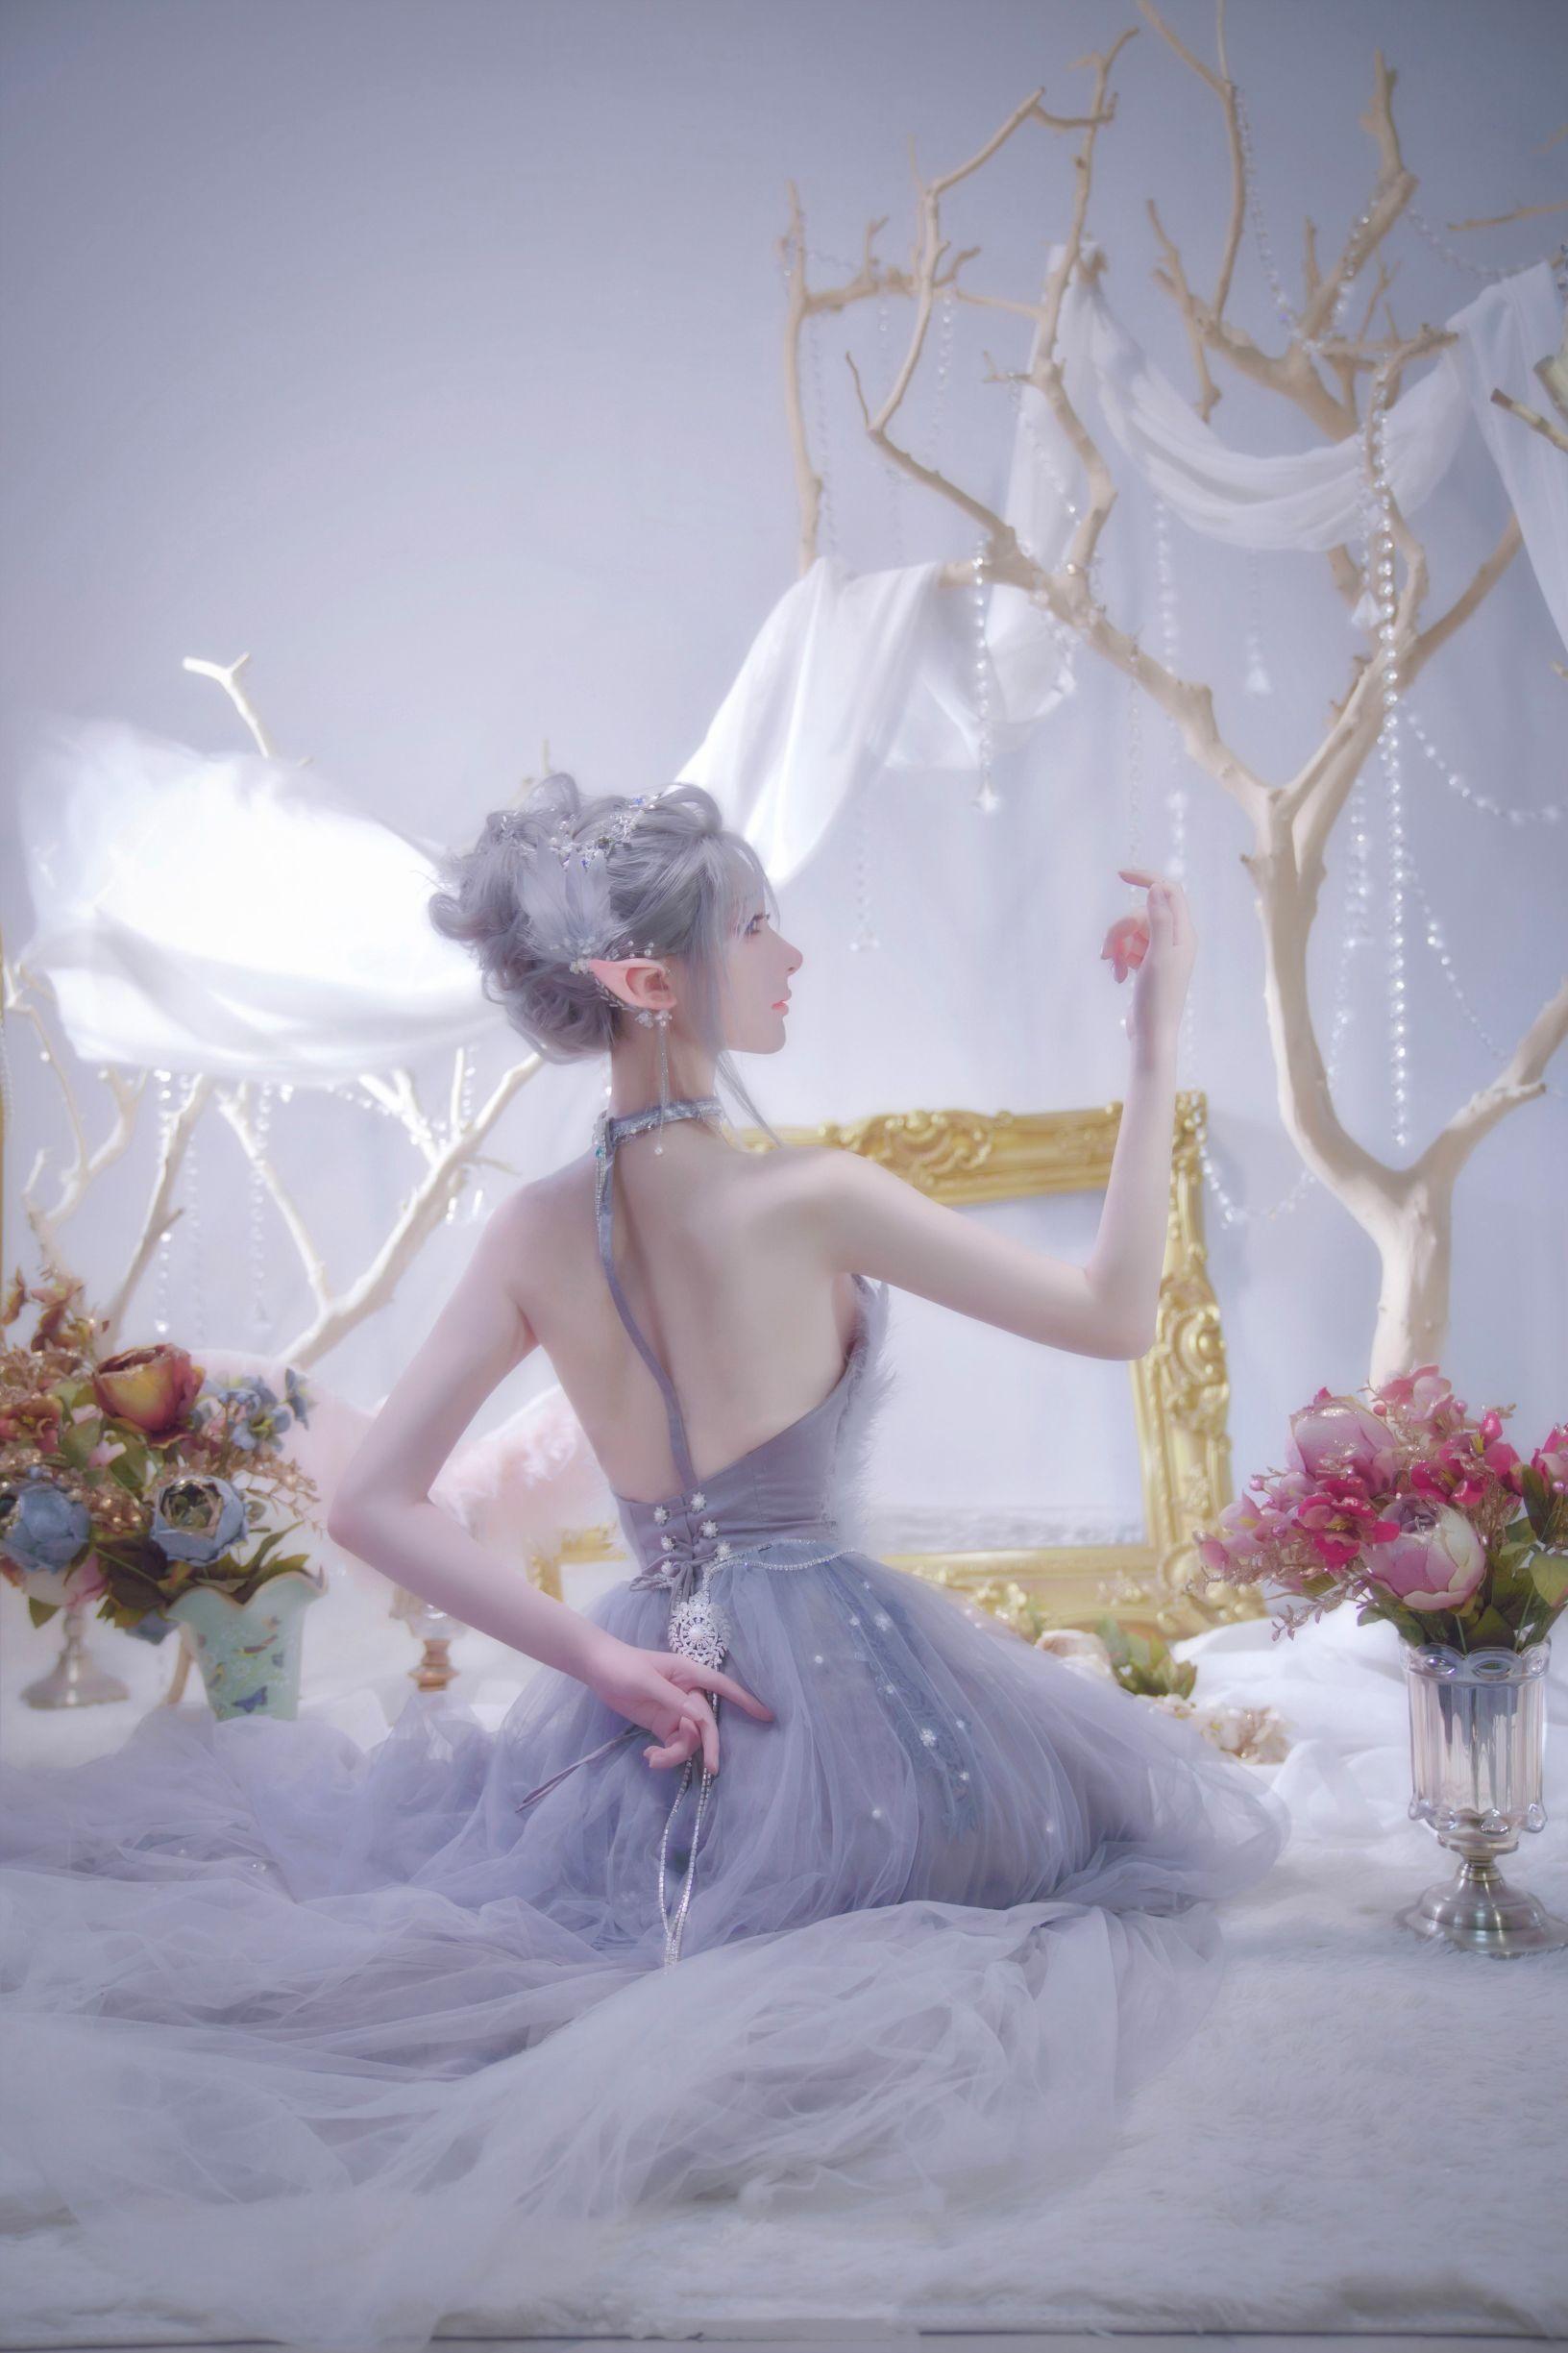 5eea44d644e2d - 《鬼刀》海琴烟(冰公主) COS:在下萝莉控ii